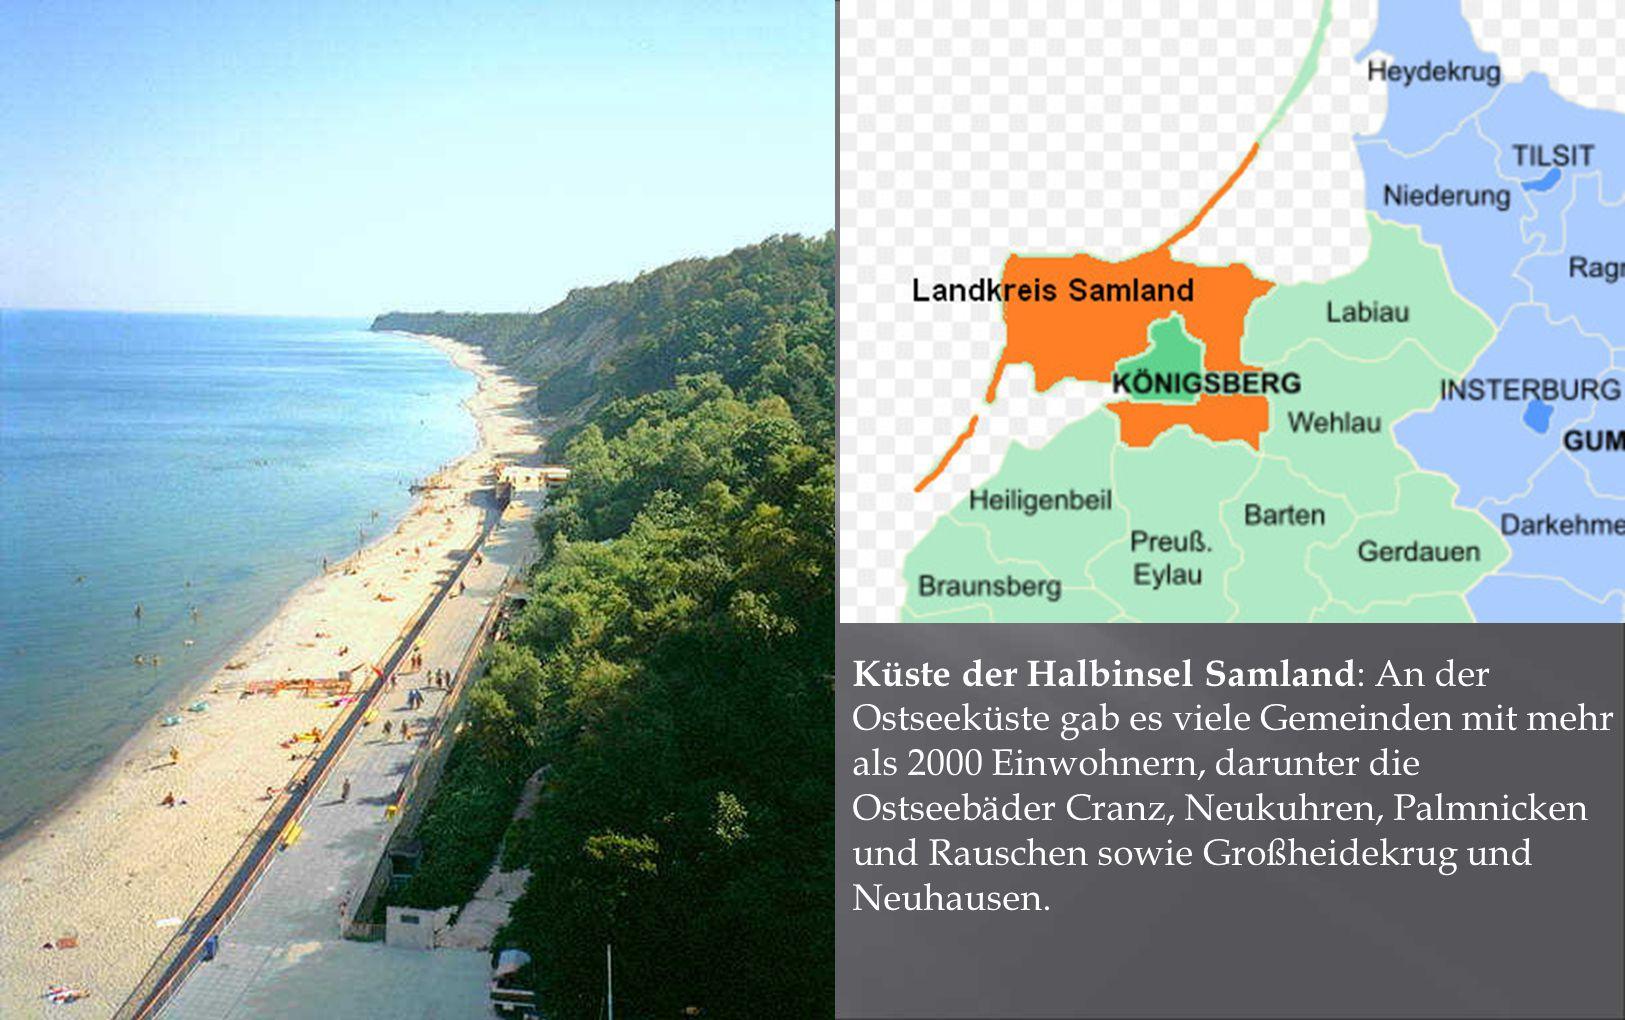 Küste der Halbinsel Samland : An der Ostseeküste gab es viele Gemeinden mit mehr als 2000 Einwohnern, darunter die Ostseebäder Cranz, Neukuhren, Palmn